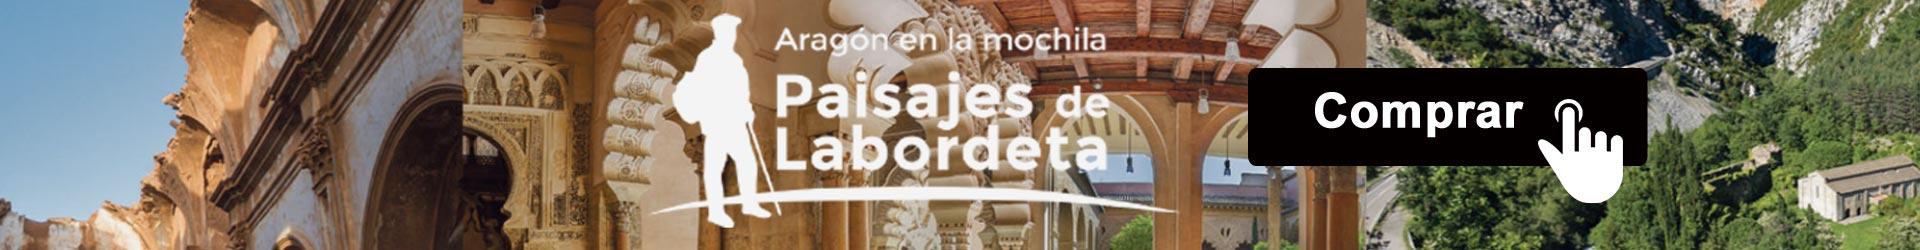 Colección de cuatro libros que muestran la pasión de José Antonio Labordeta por Aragón